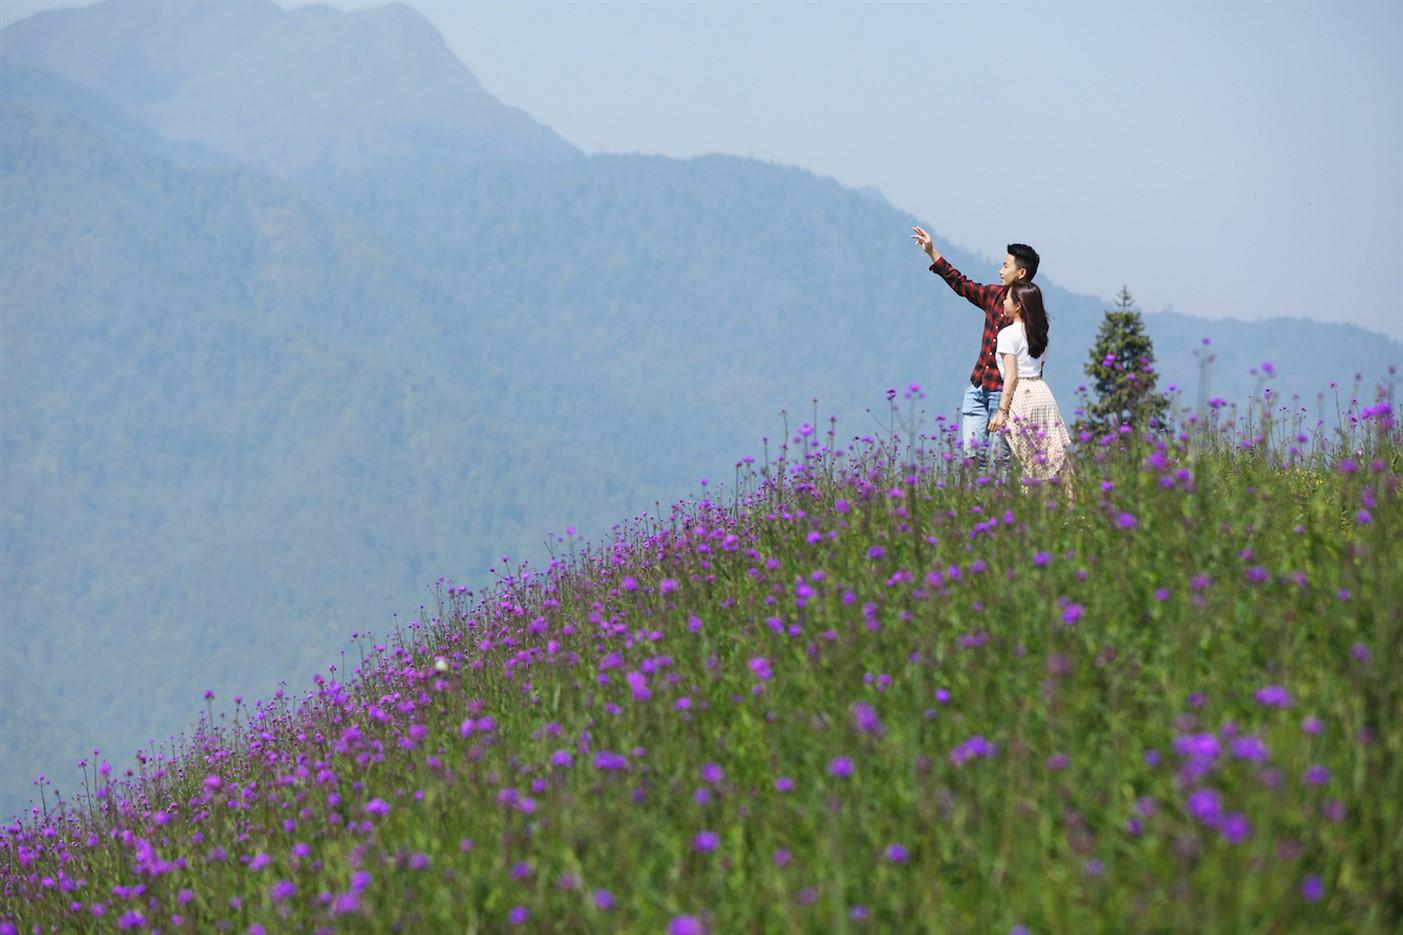 Nằm giữa lưng chừng núi, lưng chừng mây, đồi hoa rộng 15.000 m2 như thể một quầng mây tím thơm dịu, bềnh bồng chốn bồng lai tiên cảnh.